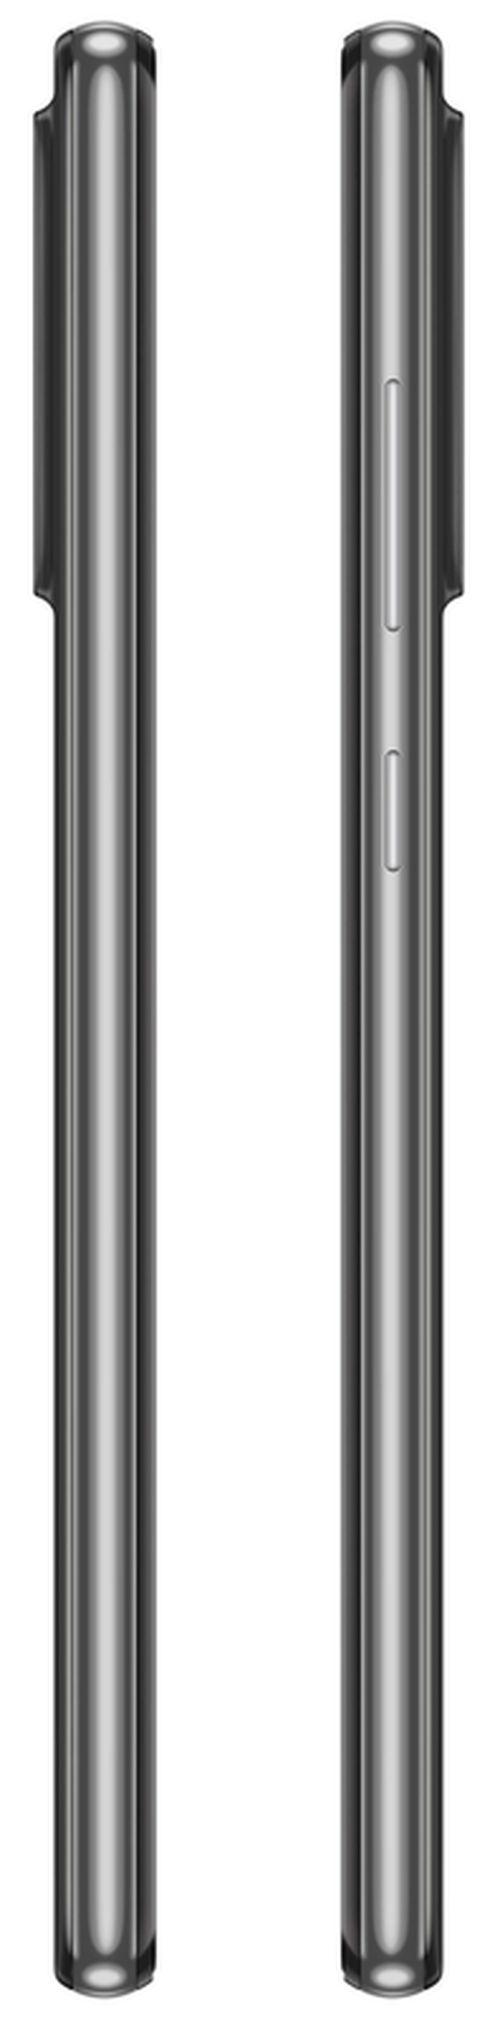 купить Смартфон Samsung A725 Galaxy A72 8/256Gb BLACK в Кишинёве